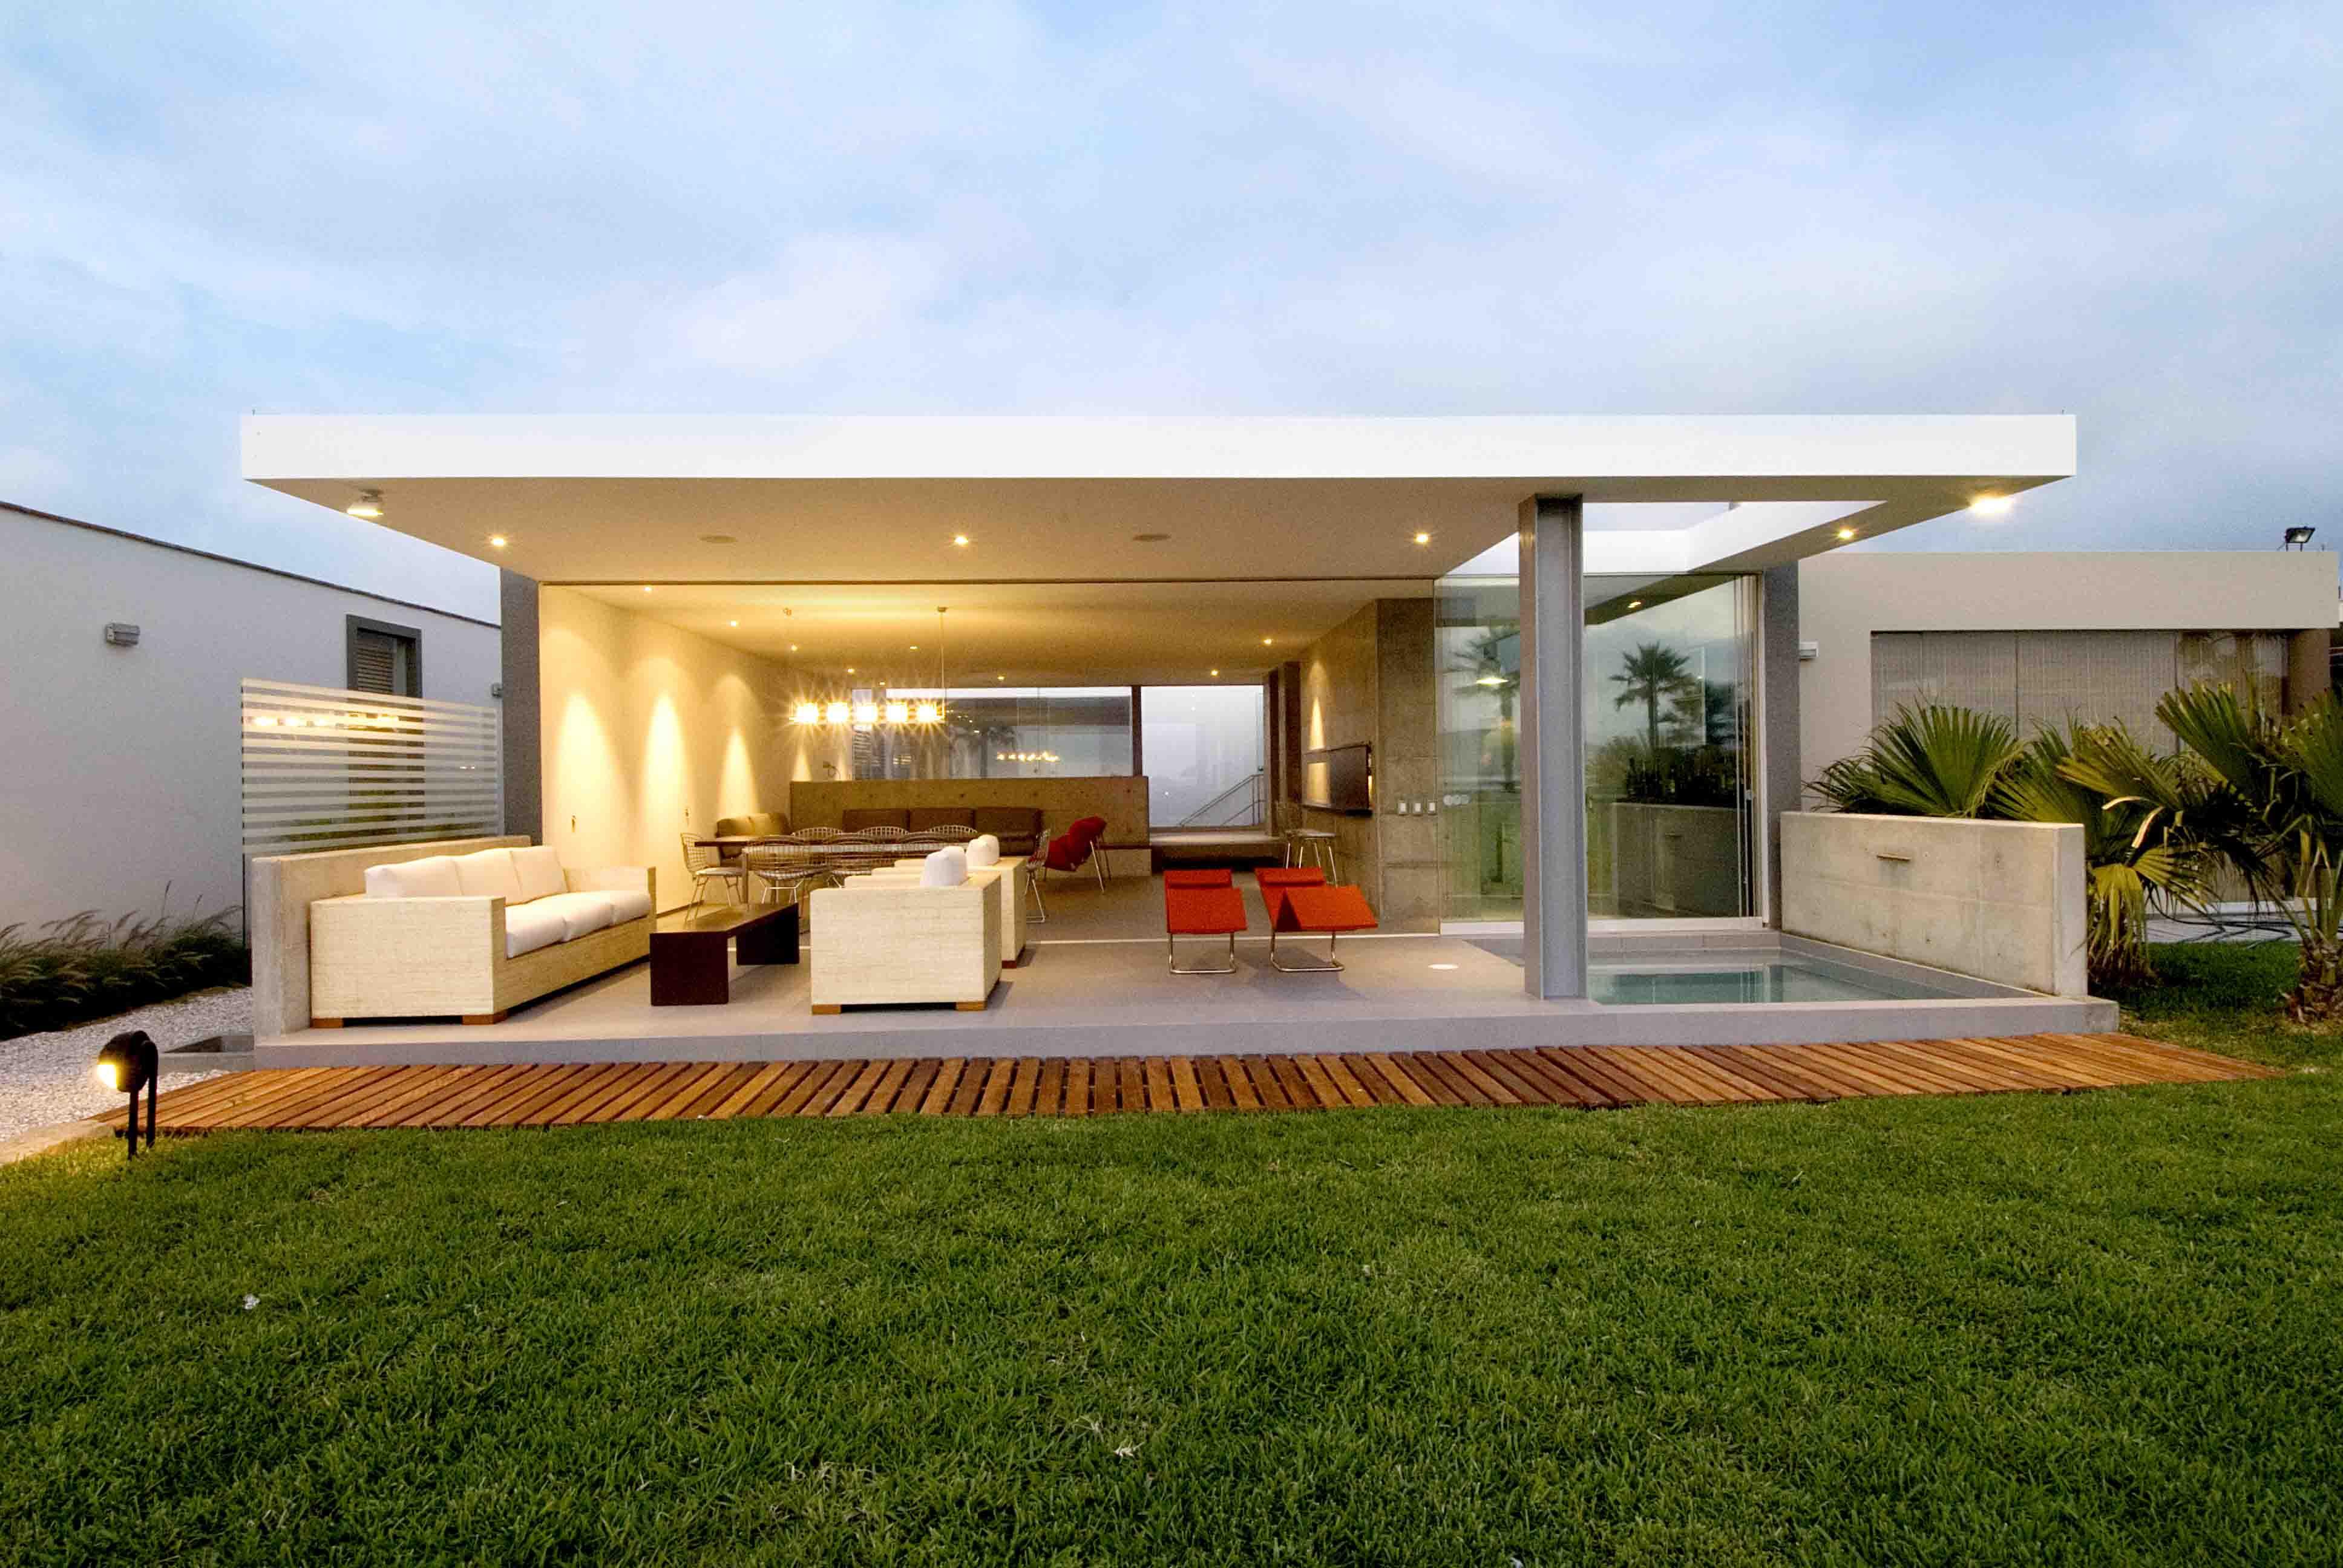 La isla beach house doblado arquitectos archello for Plantas de casas minimalistas